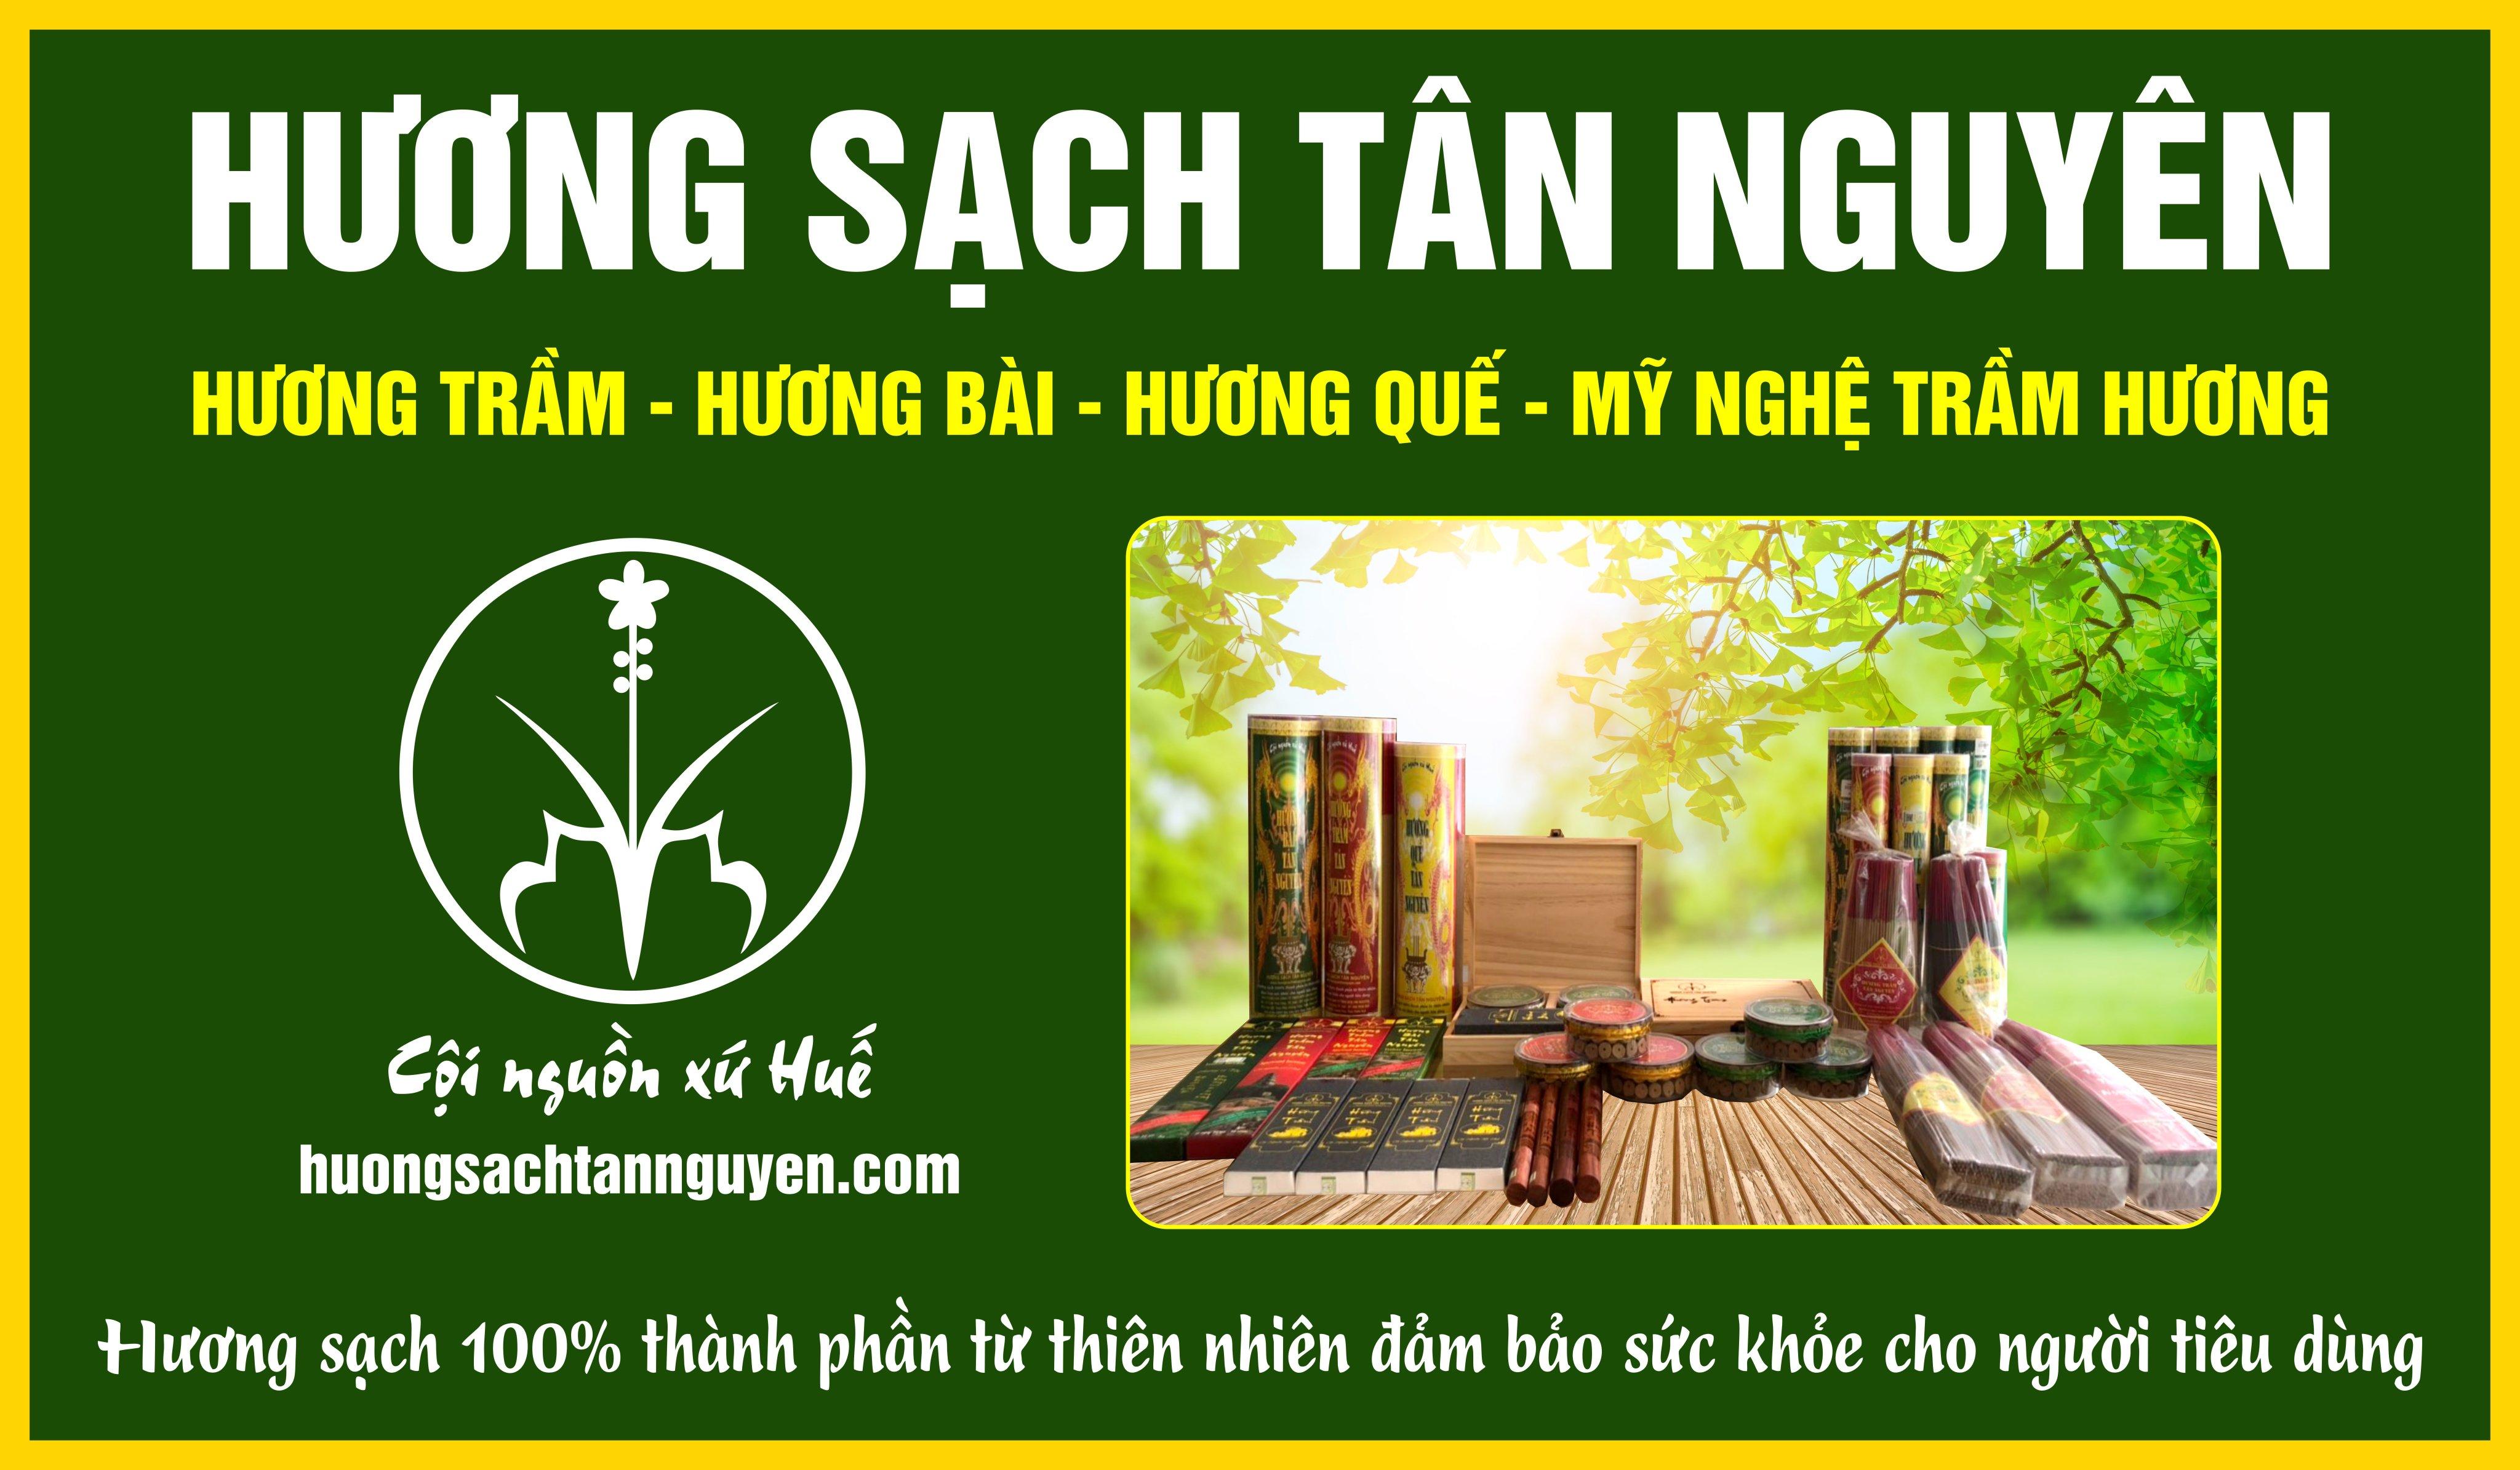 Hương Sạch Tân Nguyên